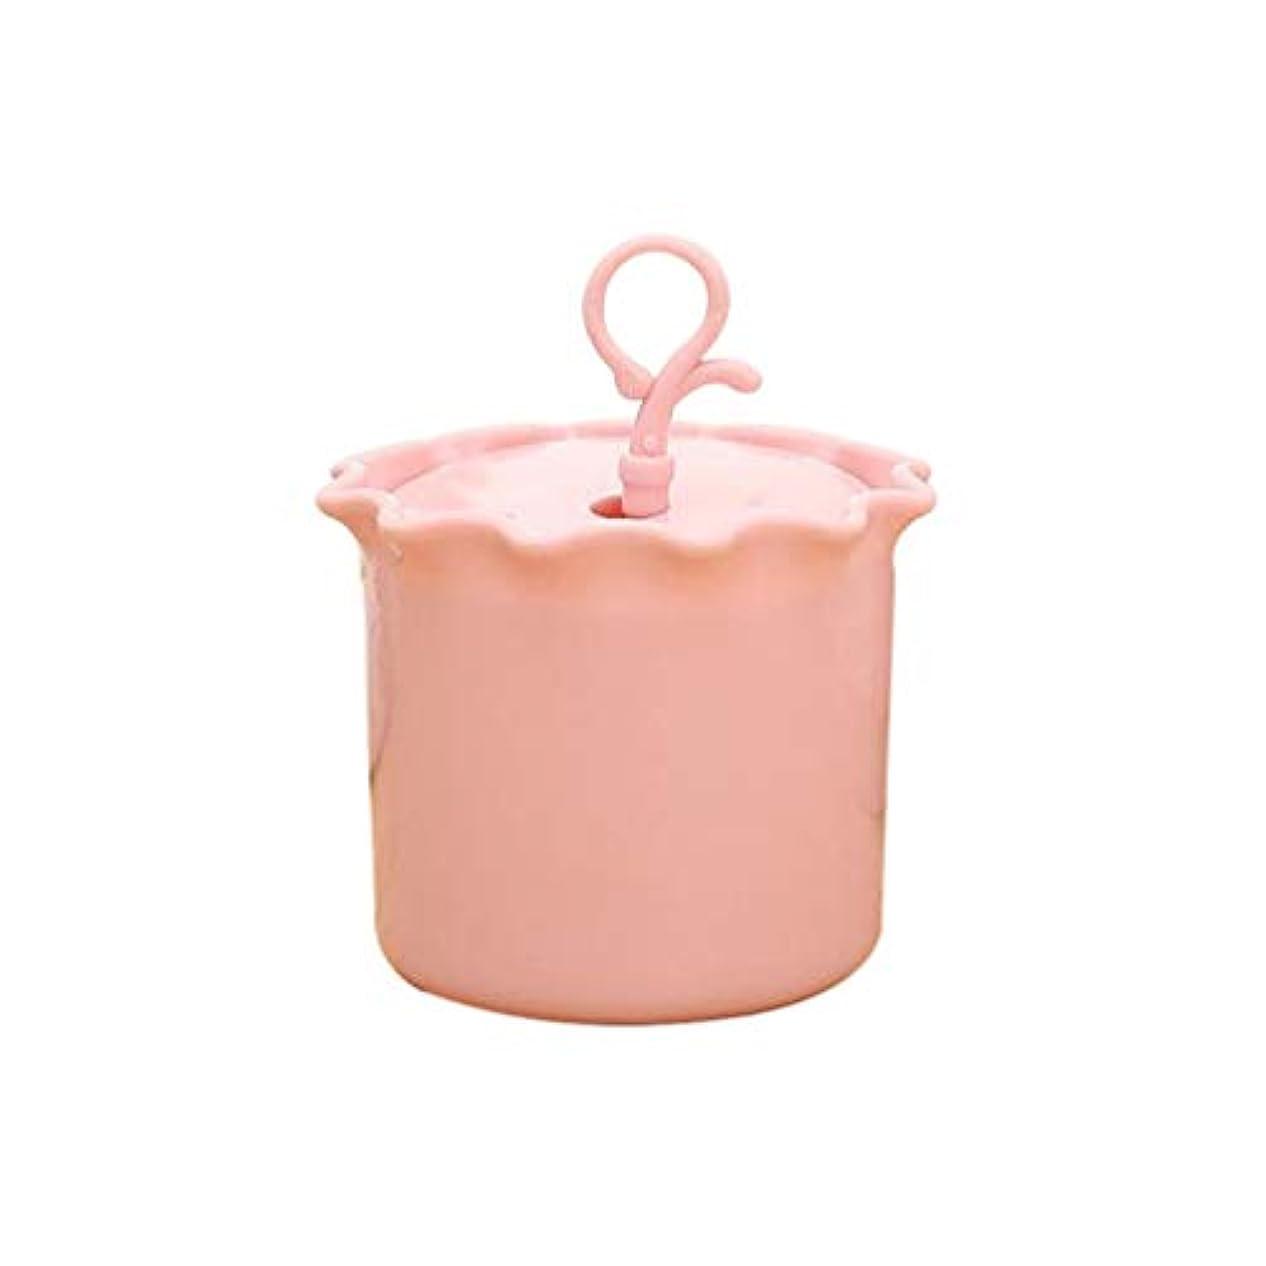 調整する発明ペイントLurrose ホームホテル旅行1pcのための洗顔の洗剤の泡のコップのための泡メーカー